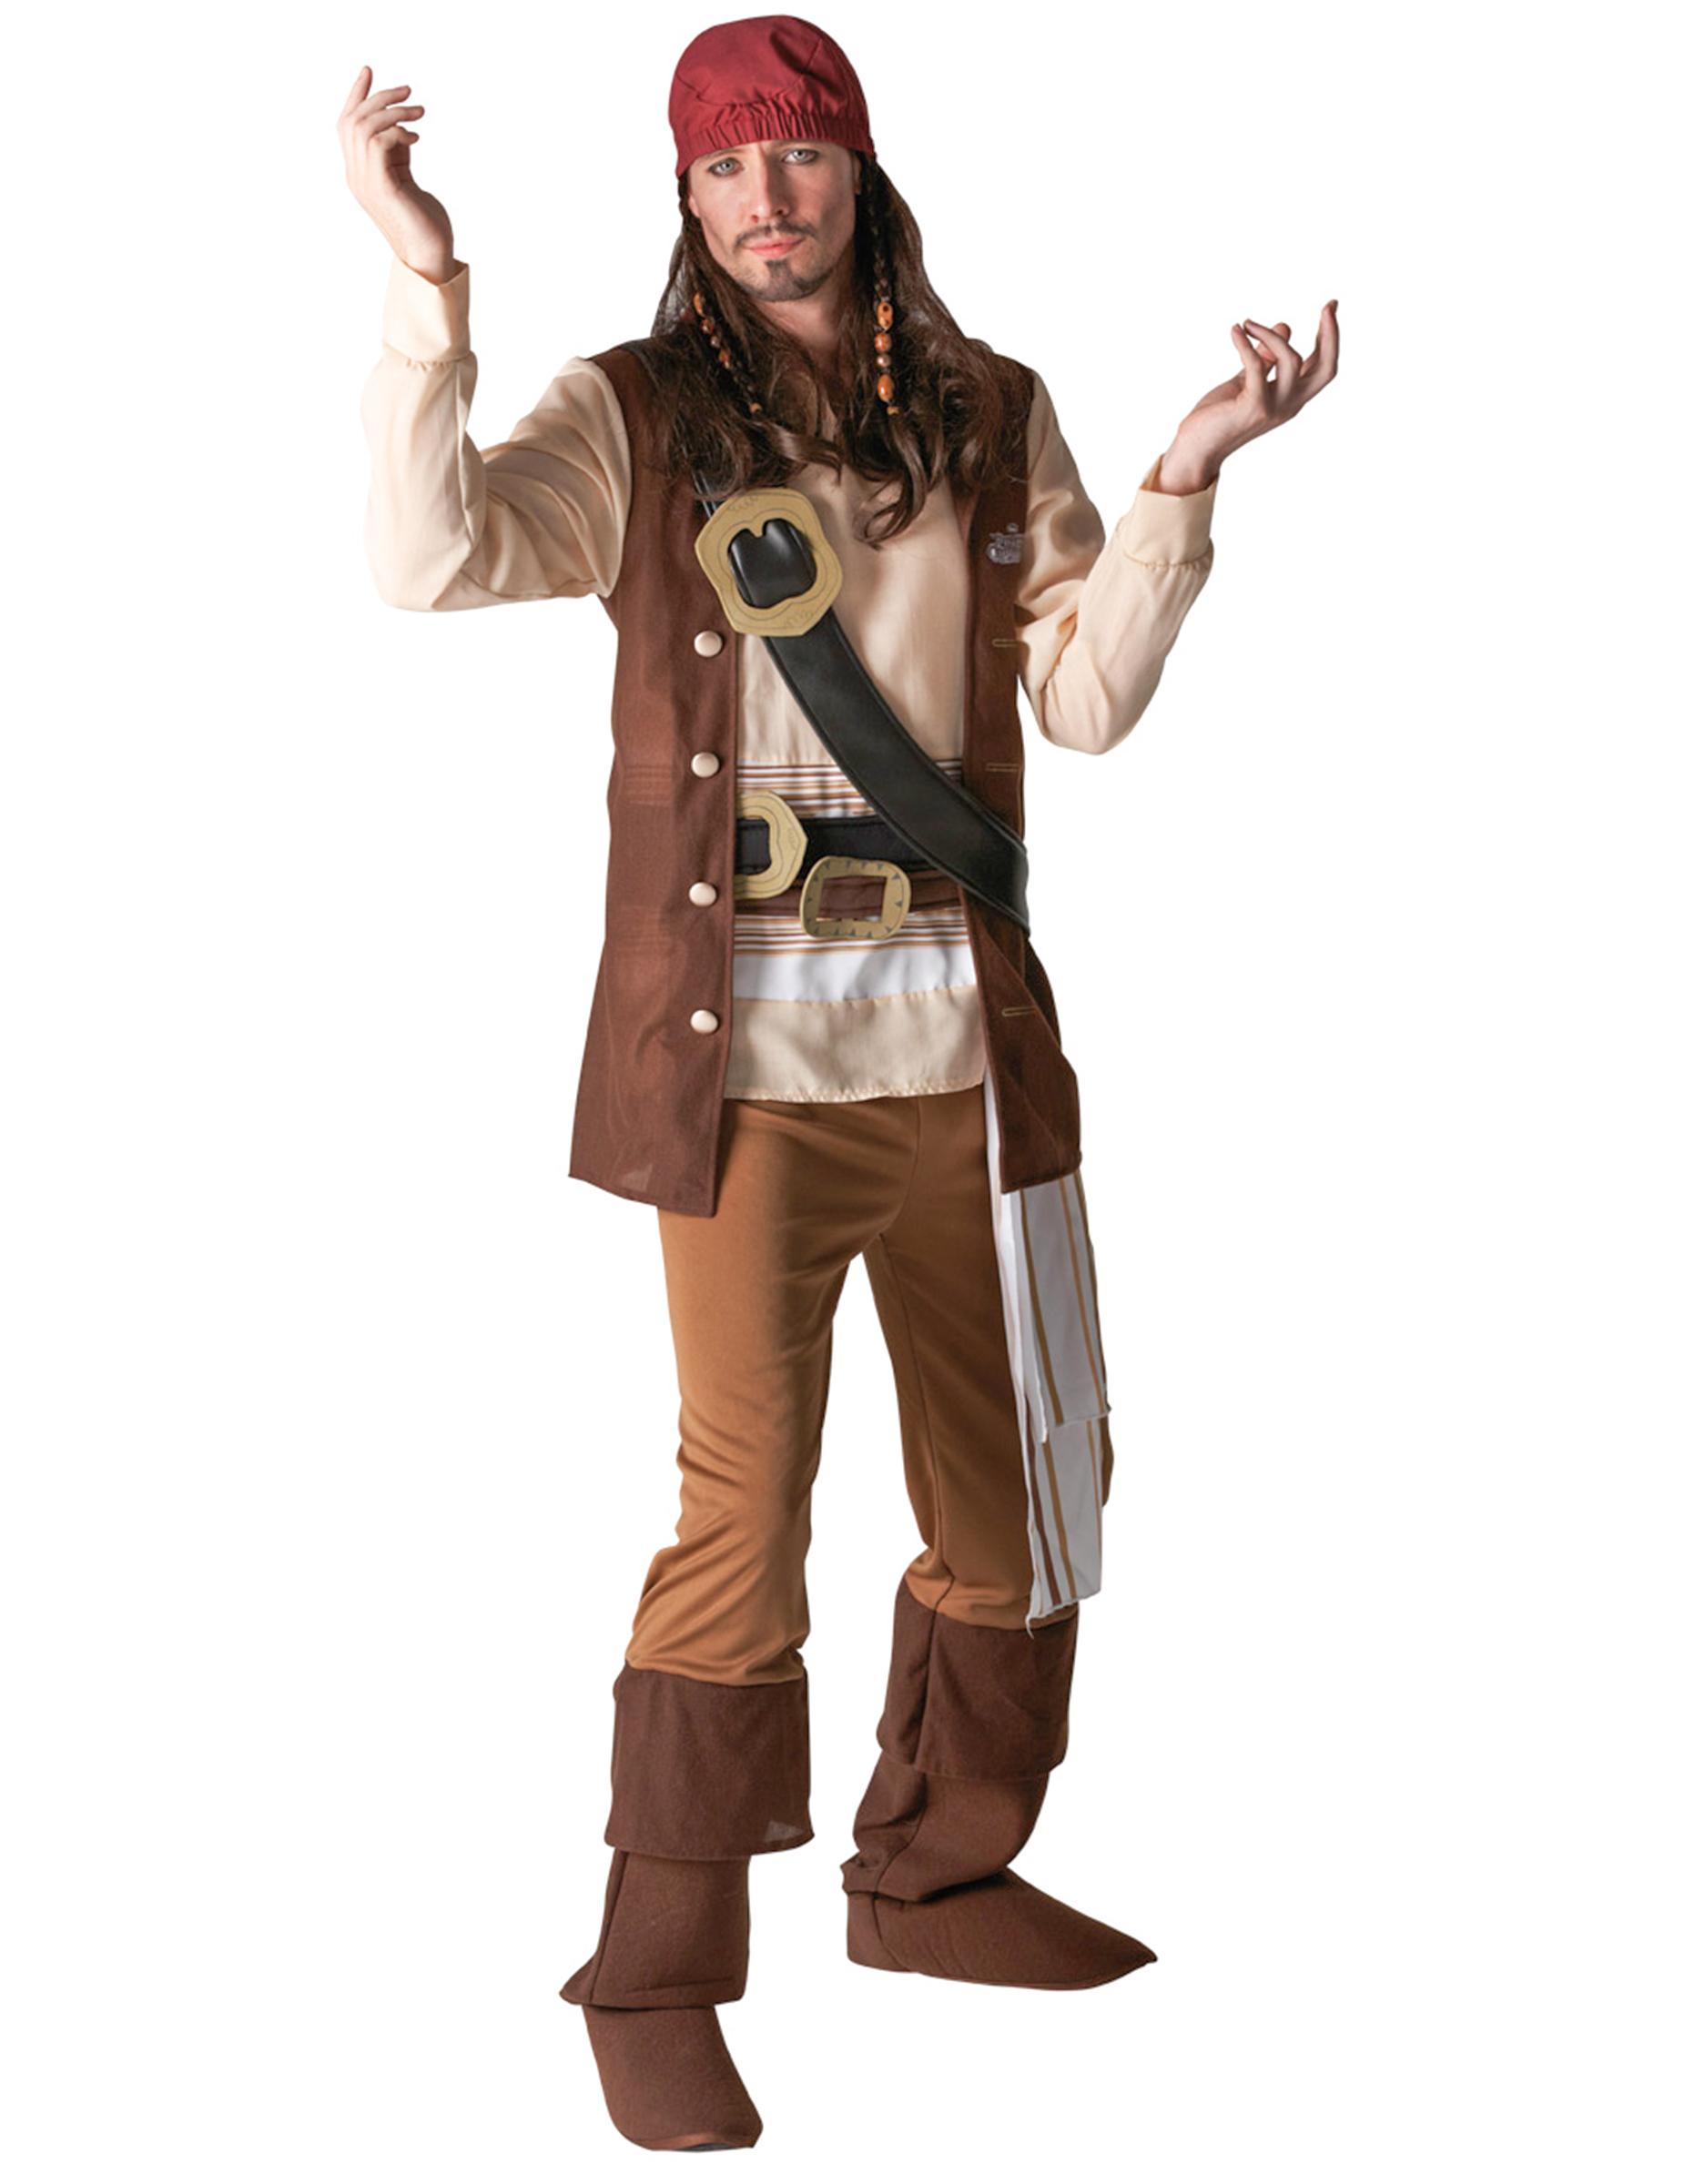 Jack Sparrow Déguisement Déguisement Jack Déguisement Déguisement Jack Sparrow Sparrow Déguisement Jack Jack Sparrow SVzpMqUG